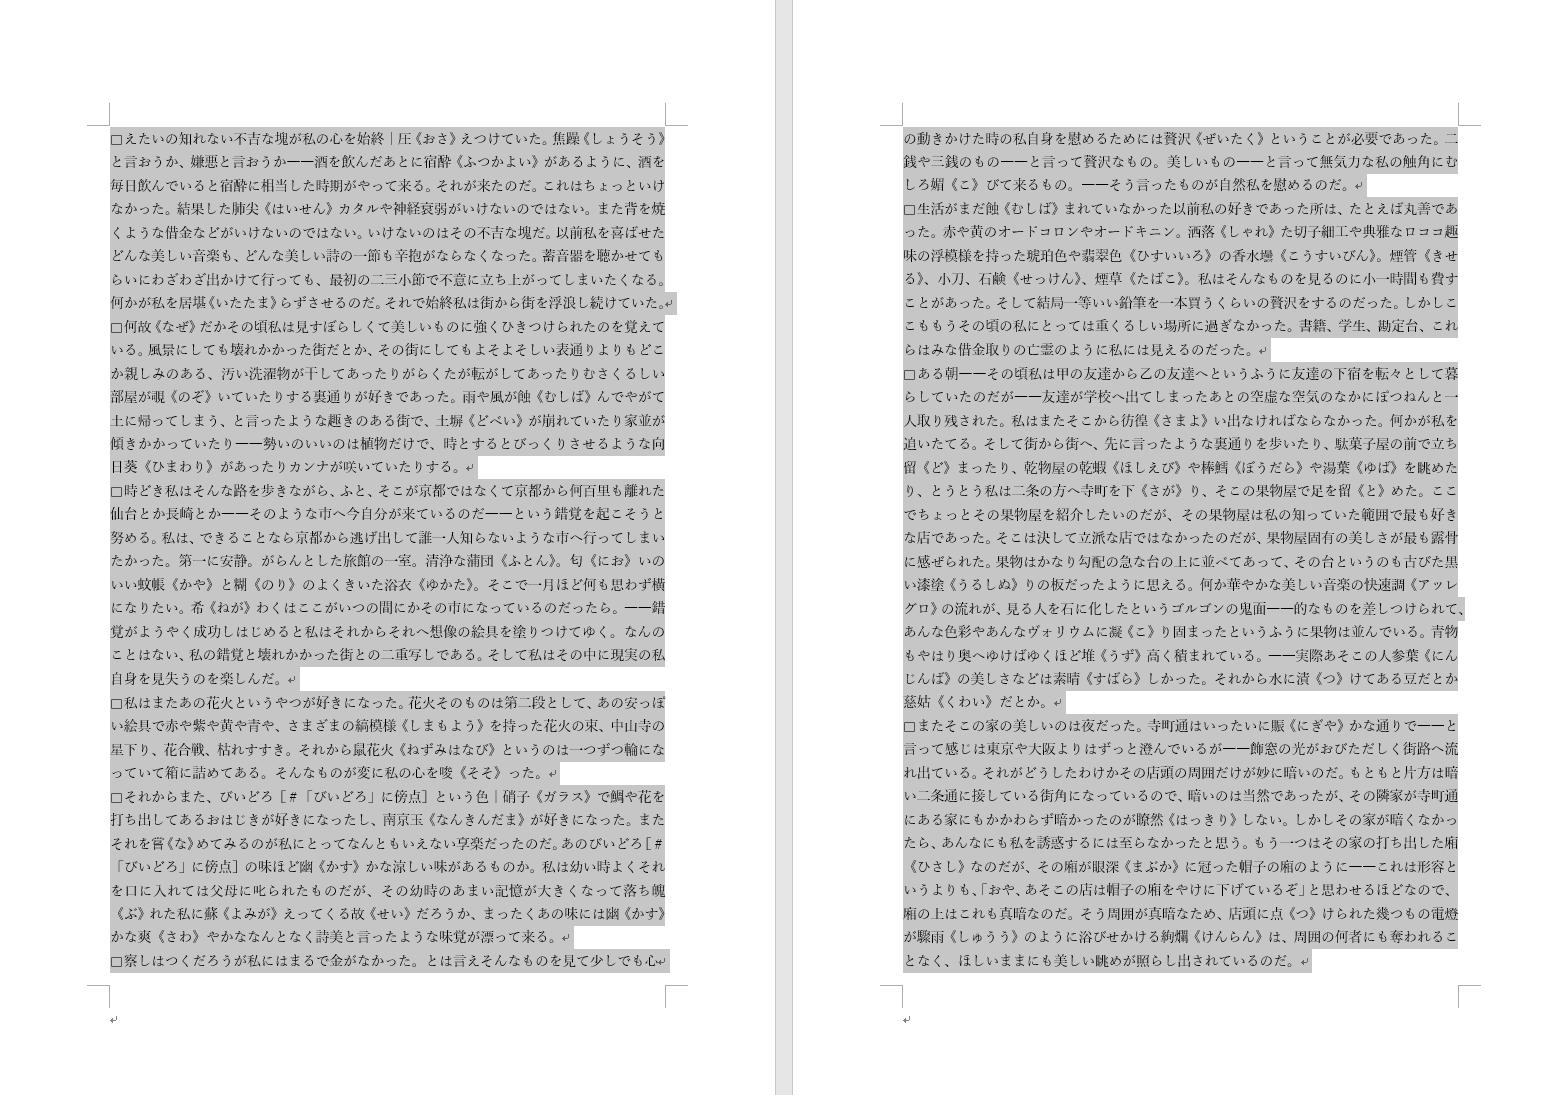 複数のページを選択